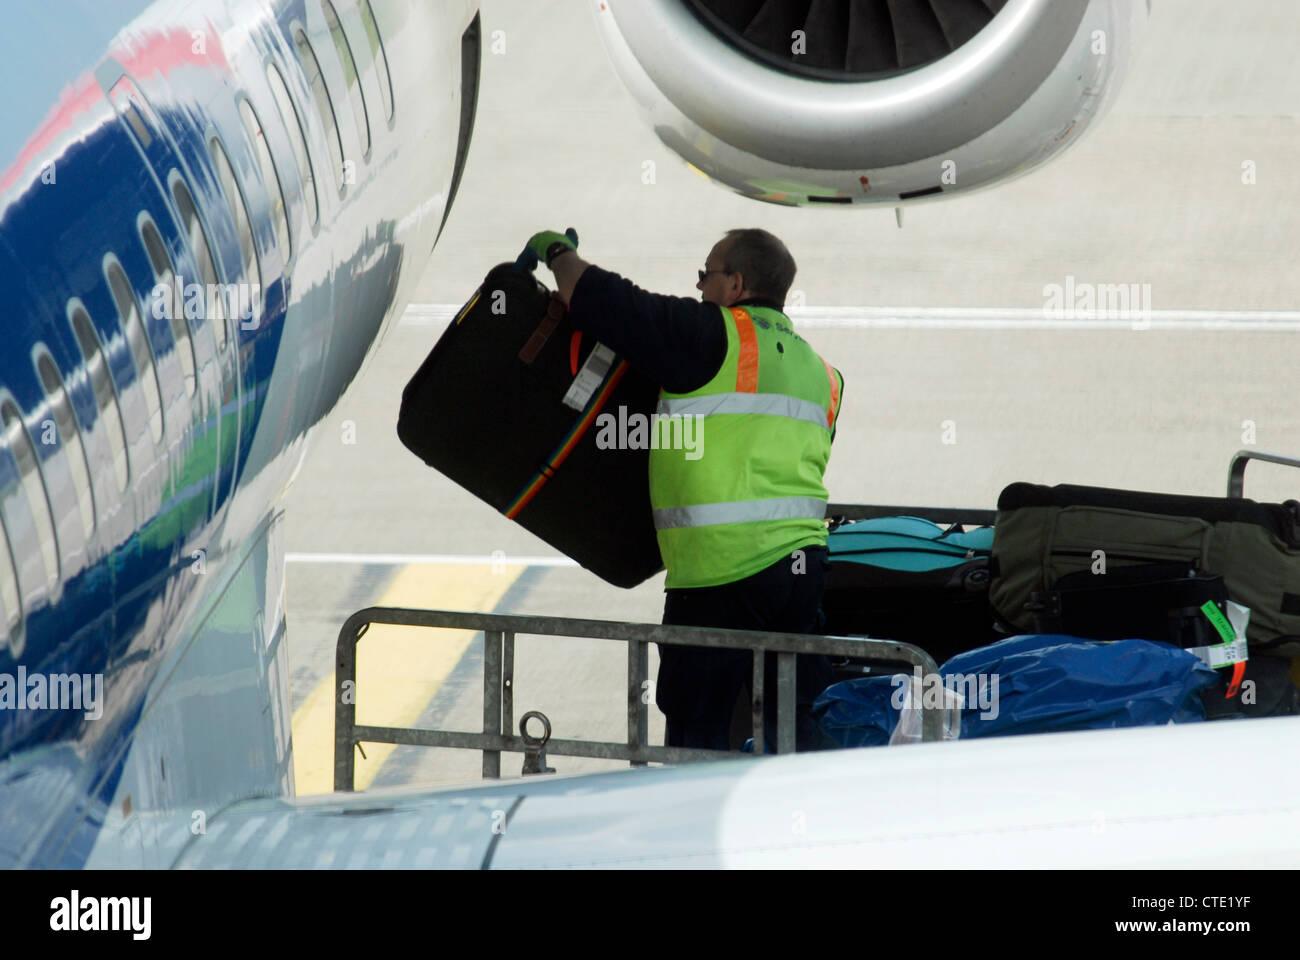 Un gestore di bagagli carichi di sacchetti scarica bagagli valigie per in da un aereo all'aeroporto di Edimburgo Immagini Stock